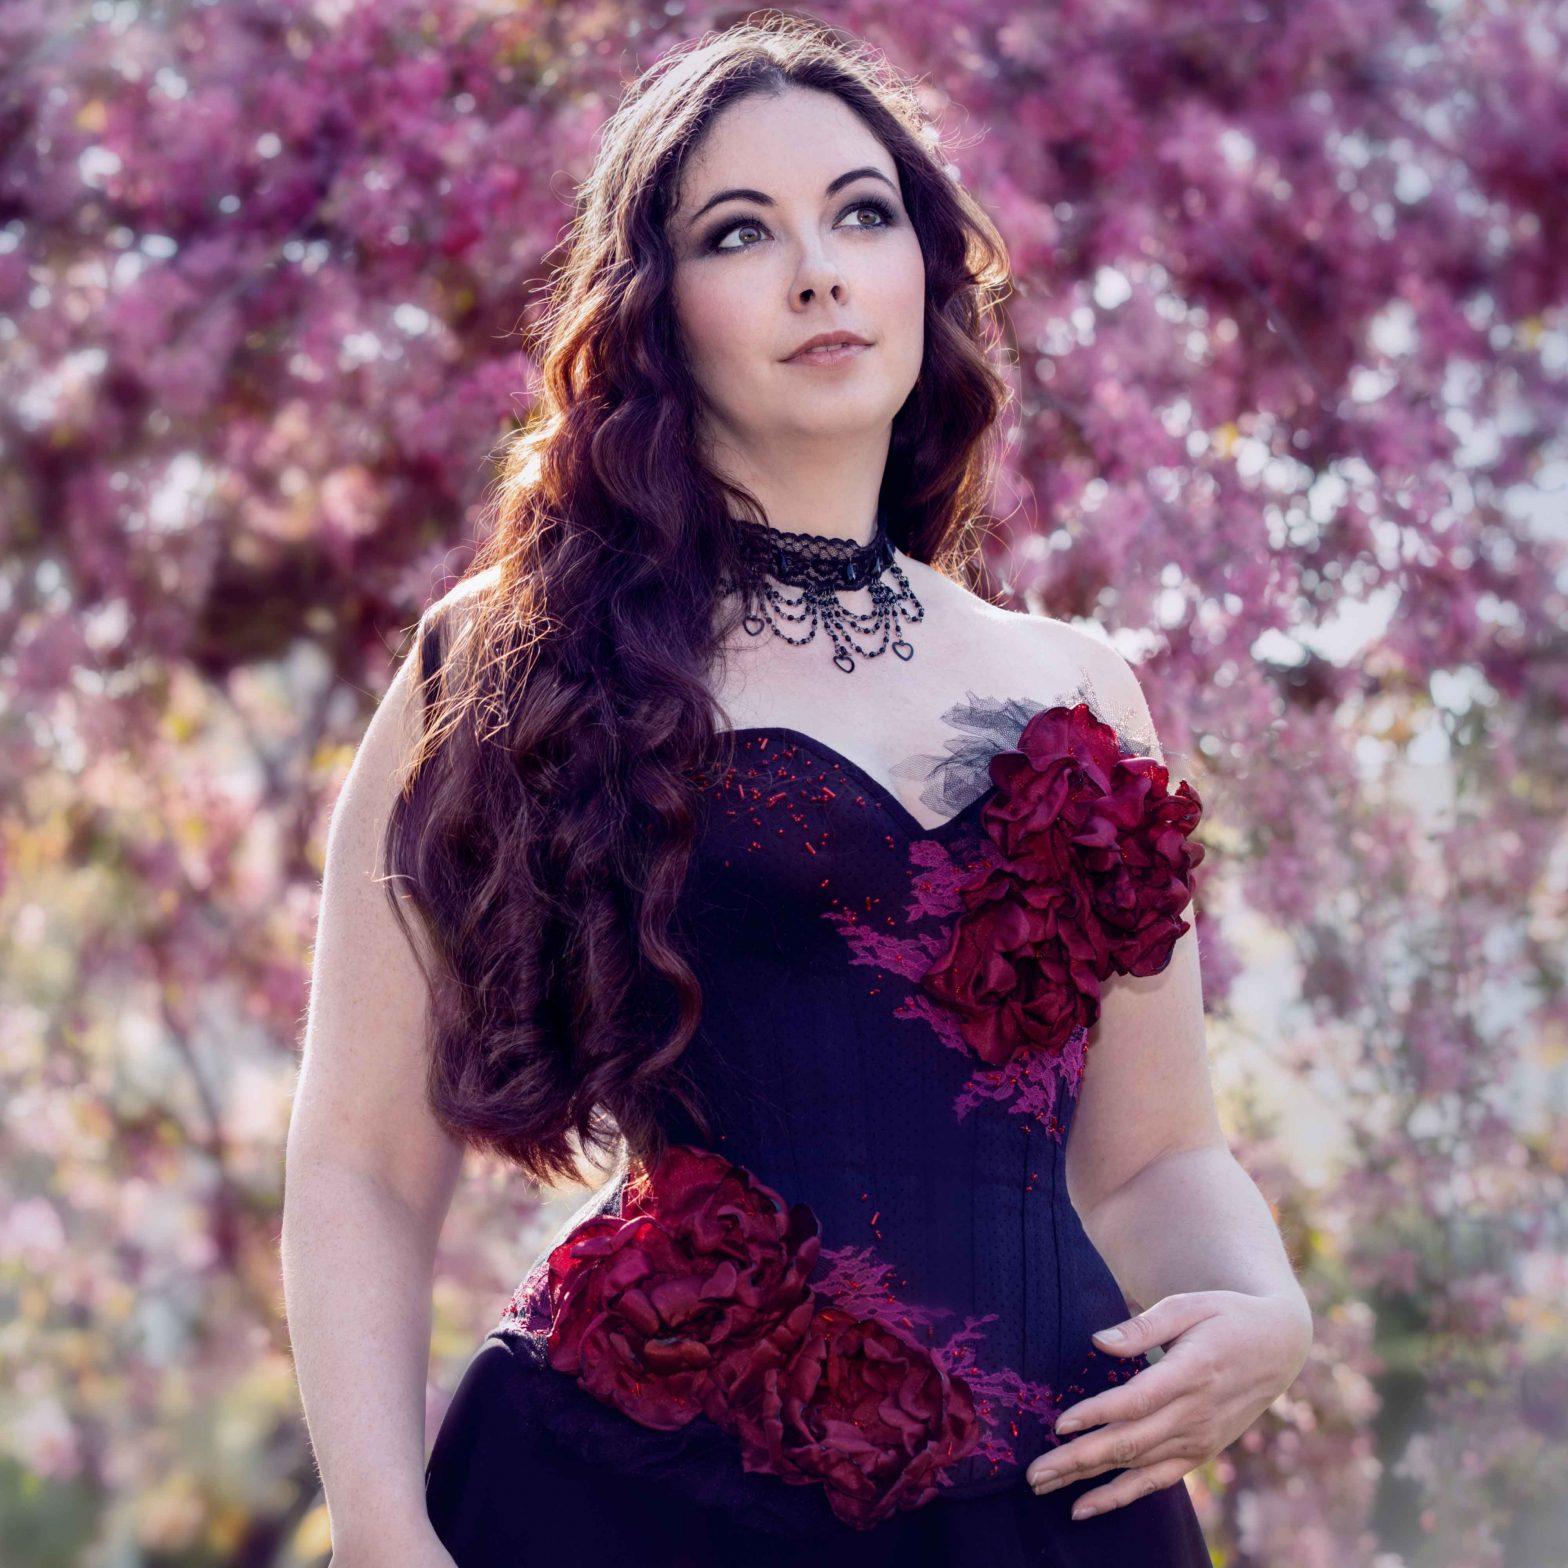 corset brodé perle fleur gothique rouge et noir